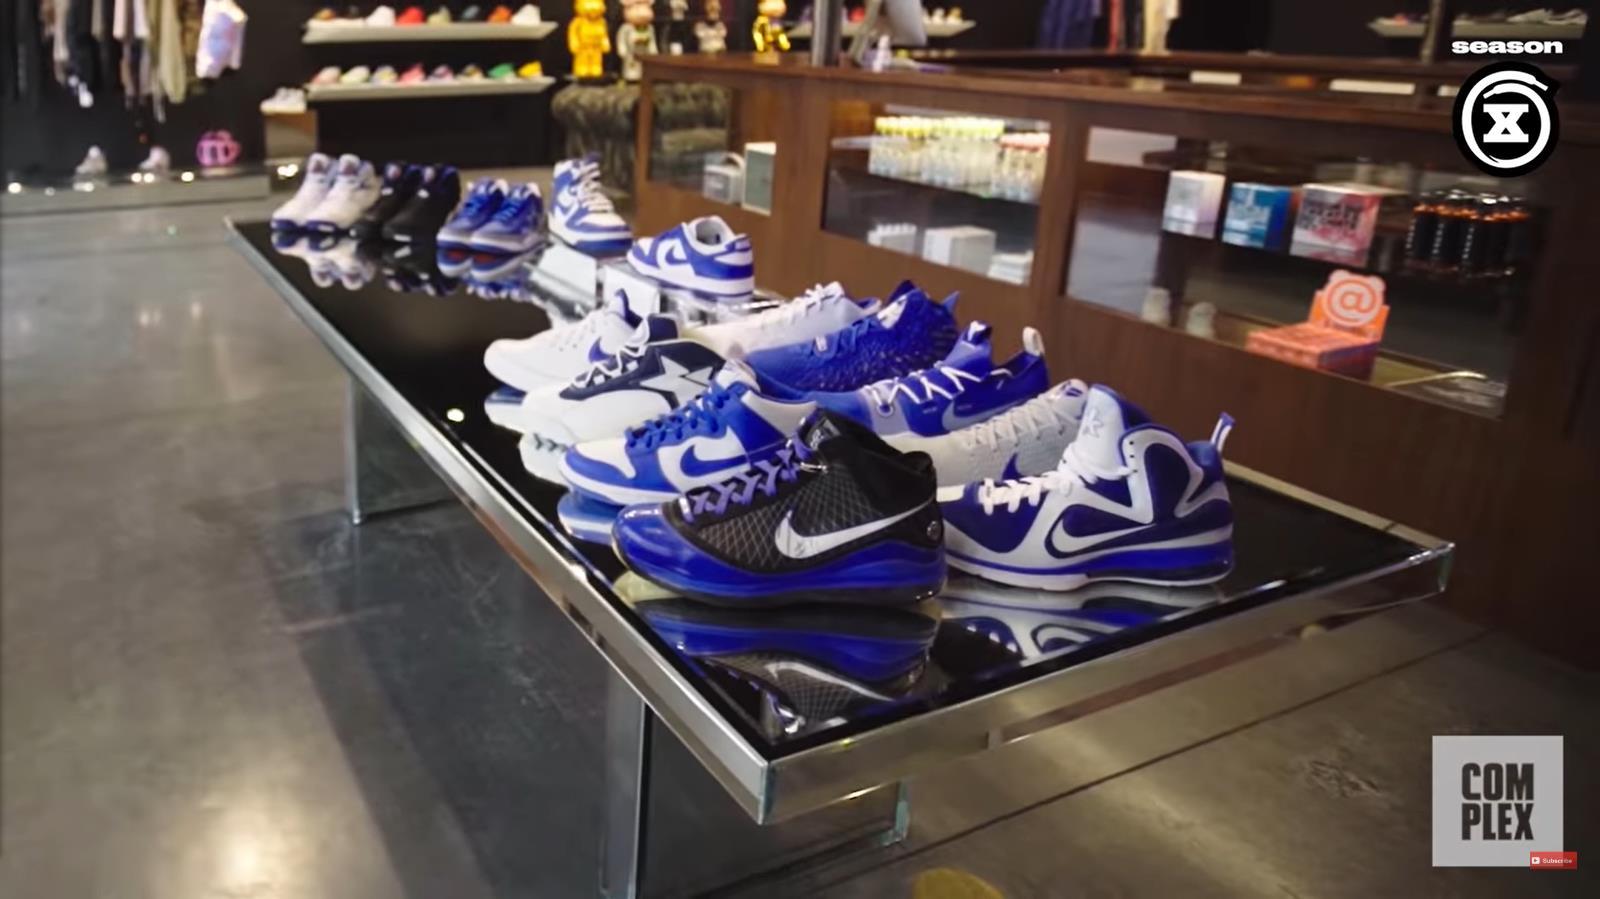 Drake,、,Khaled,都,给他,送鞋,肯塔基,专属,  Drake、DJ Khaled 都给他送鞋!肯塔基专属配色全都有!